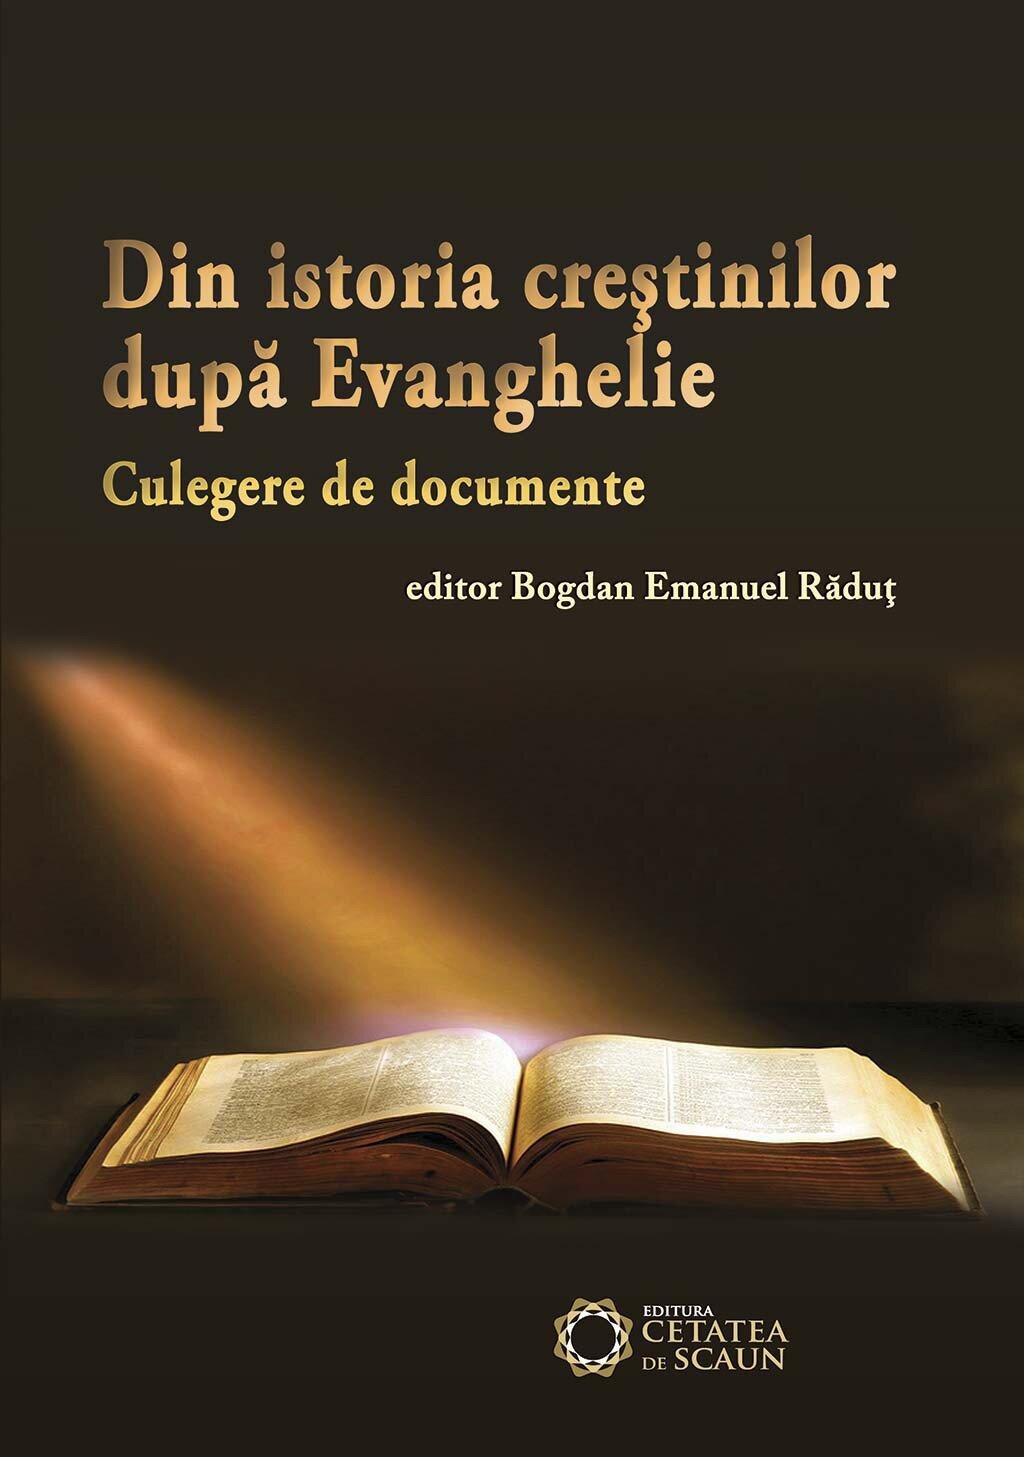 Din istoria crestinilor dupa Evanghelie. Culegere de documente (eBook)